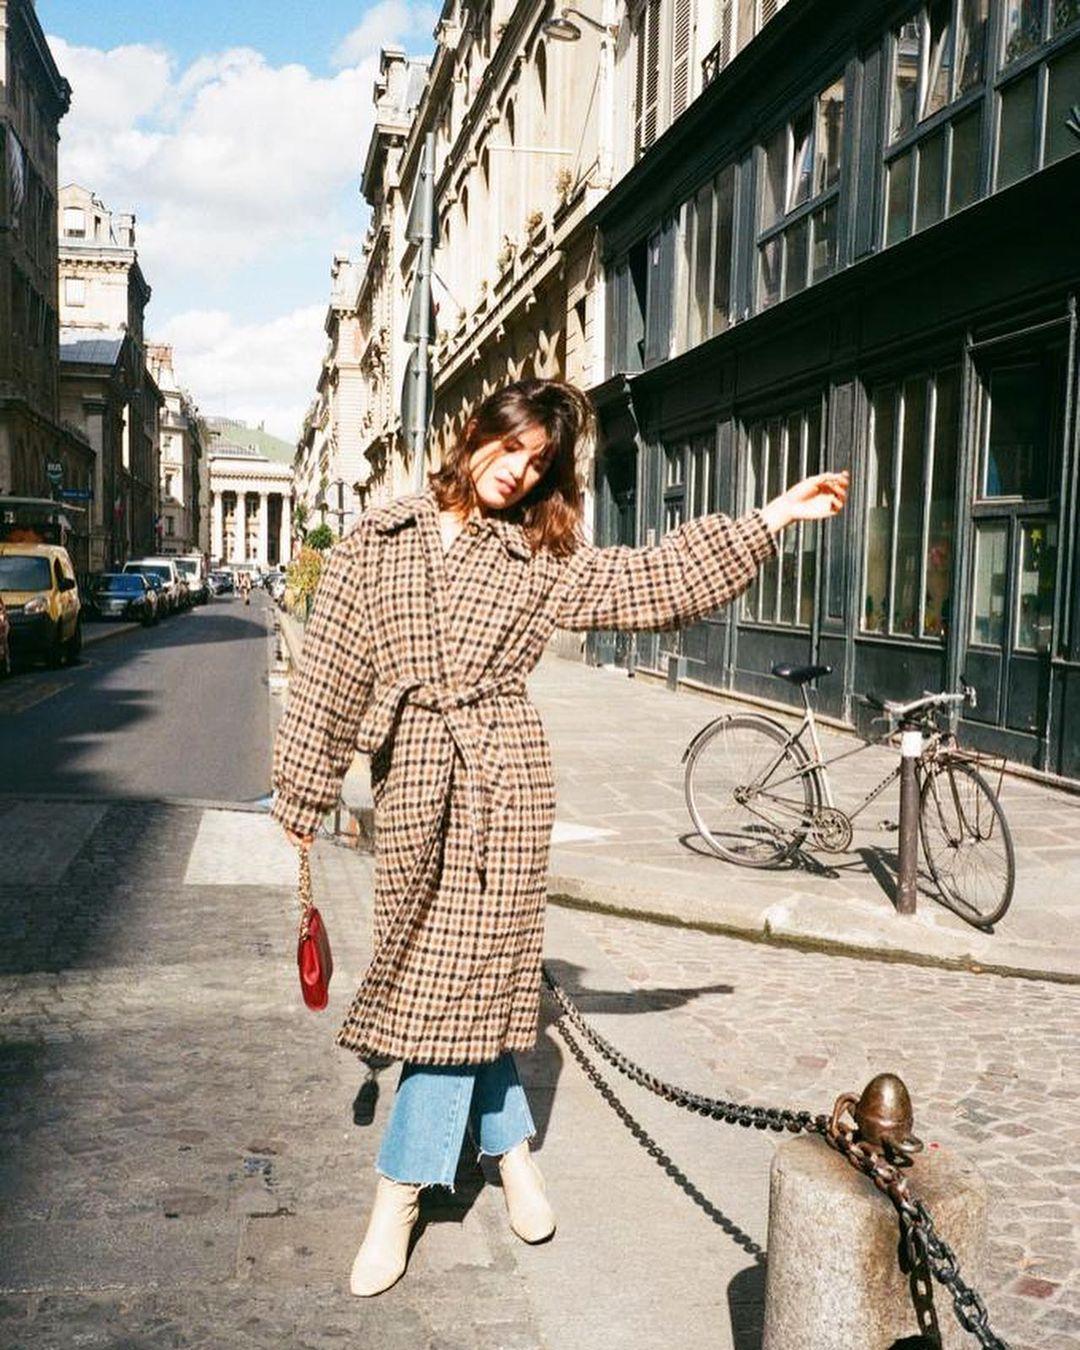 """Nghe gái Paris nói về phong cách Pháp: """"Chúng tôi - Ảnh 5."""